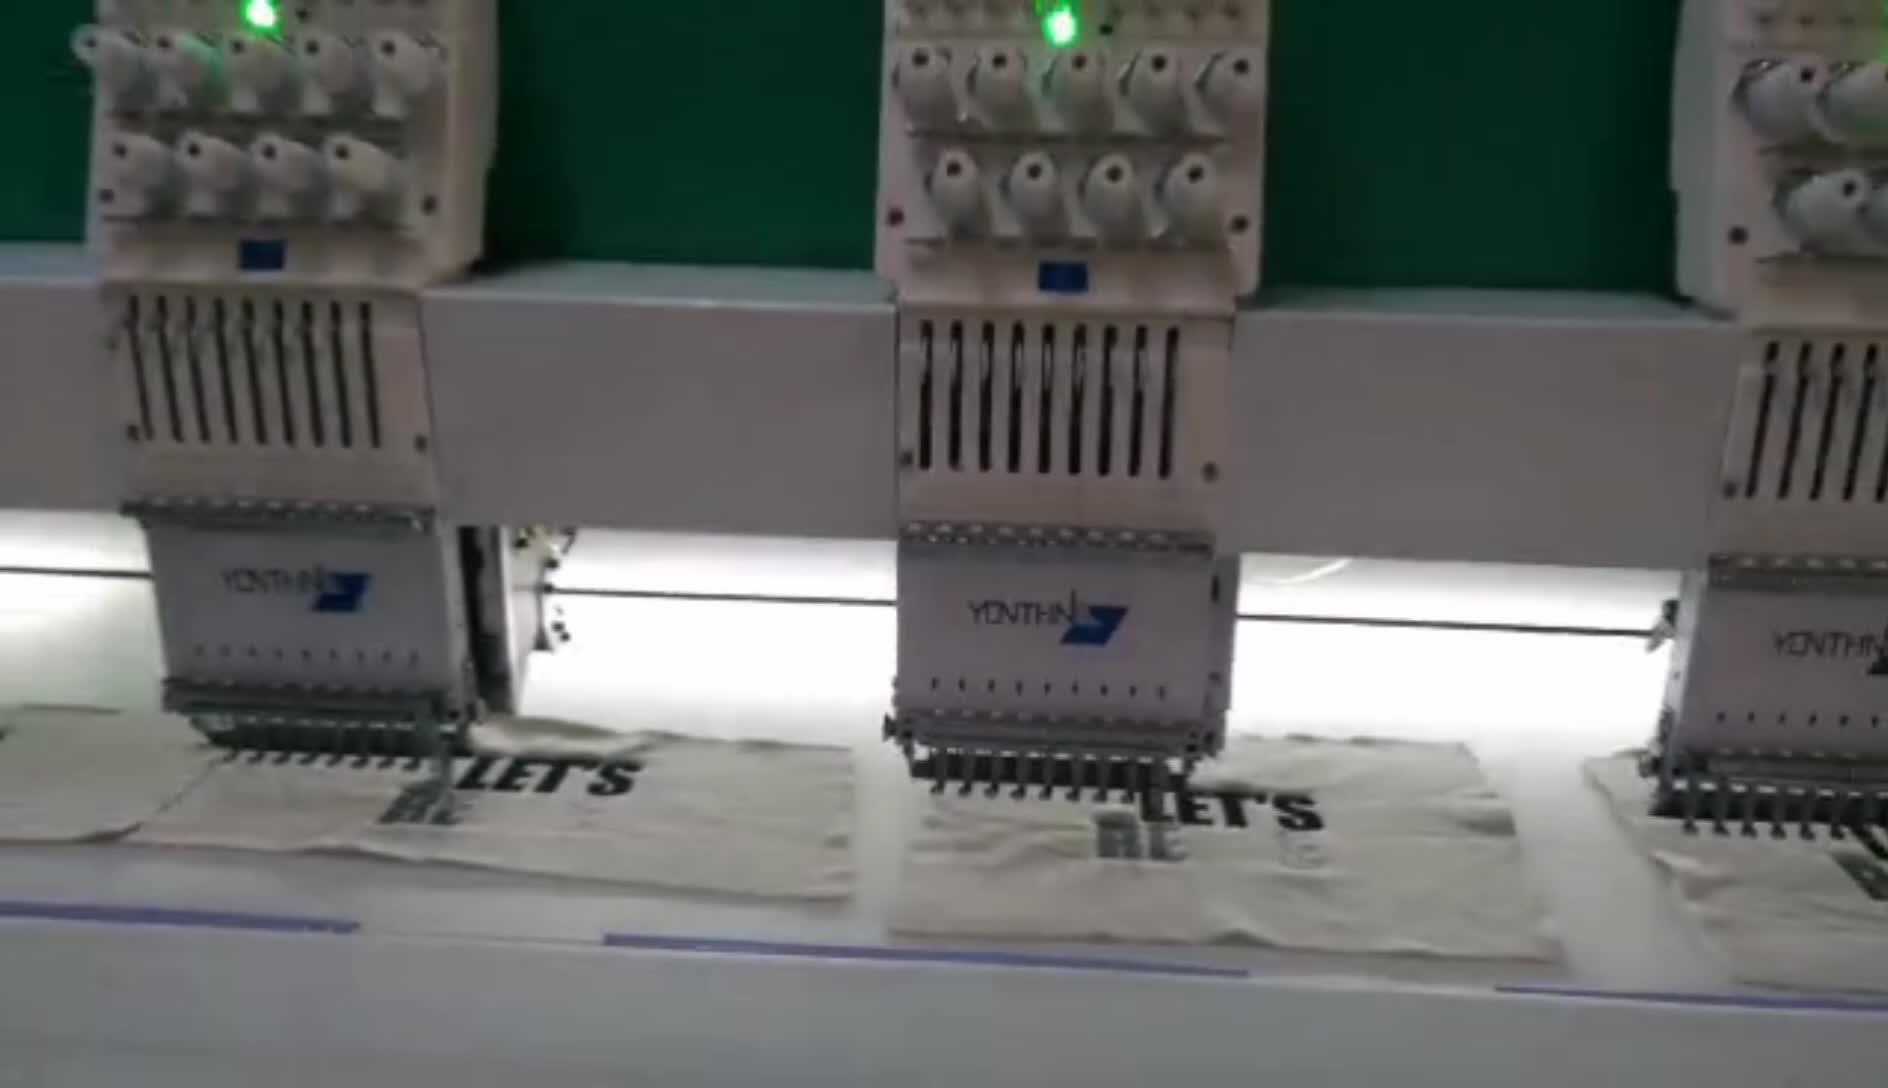 Yonthin Ad Alta Velocità Come Tajima15 Testa Piccola Fornitori di Prezzi Per La Vendita Del Computer Macchina da Ricamo Computerizzata T-Shirt